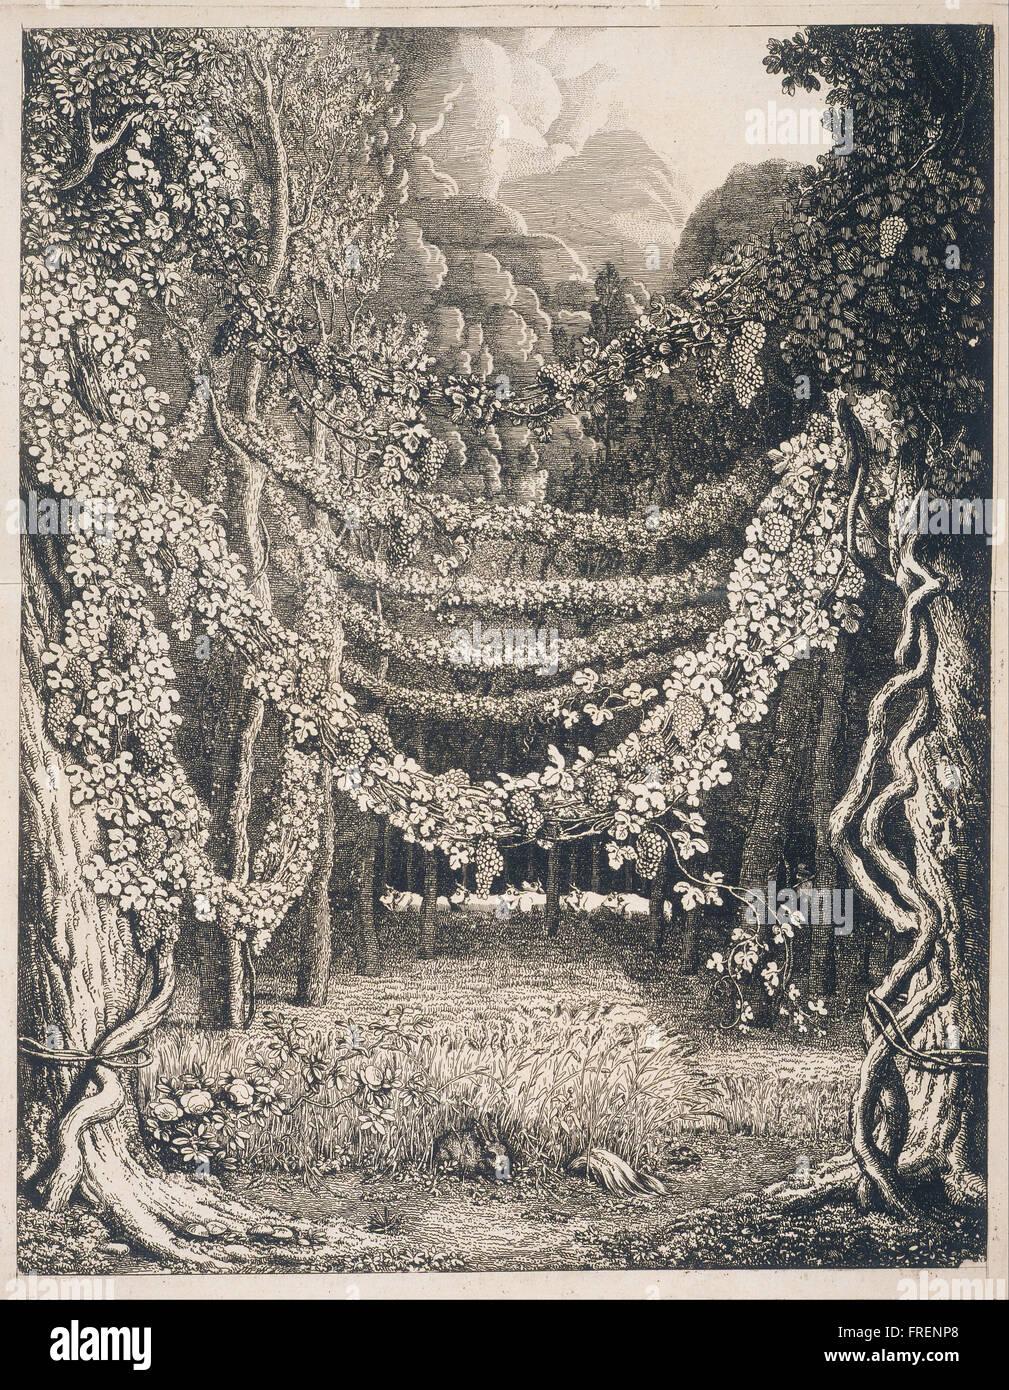 Johann Heinrich Wilhelm Tischbein (called Goethe-Tischbein), German - Imaginary View of a Vineya - Stock Image